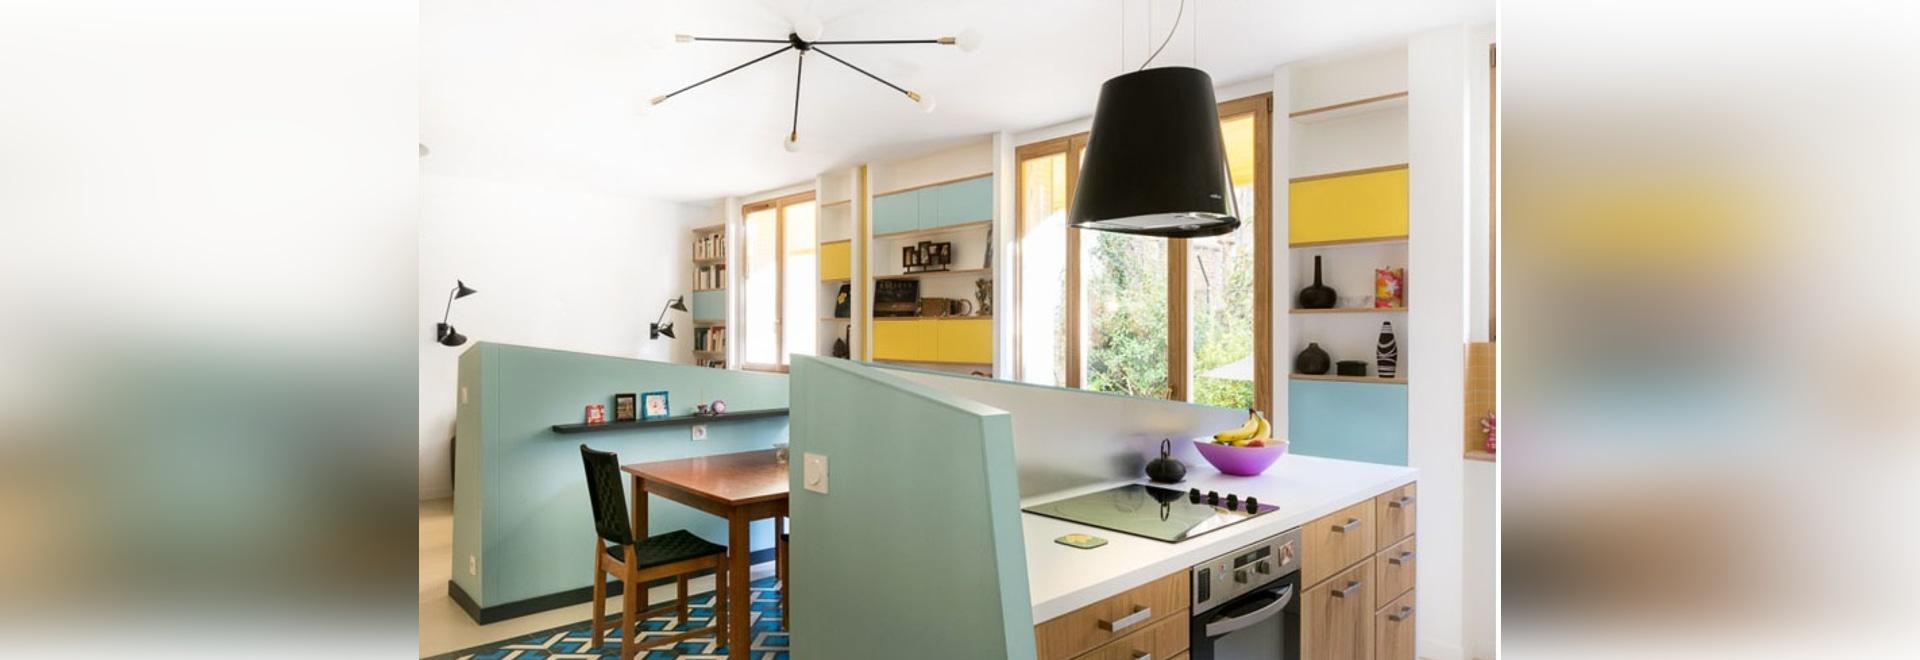 Diese Kleine Wohnung Benutzt Halbe Wände, Um Unterschiedliche Räume Für Die  Küche, Das Speisen